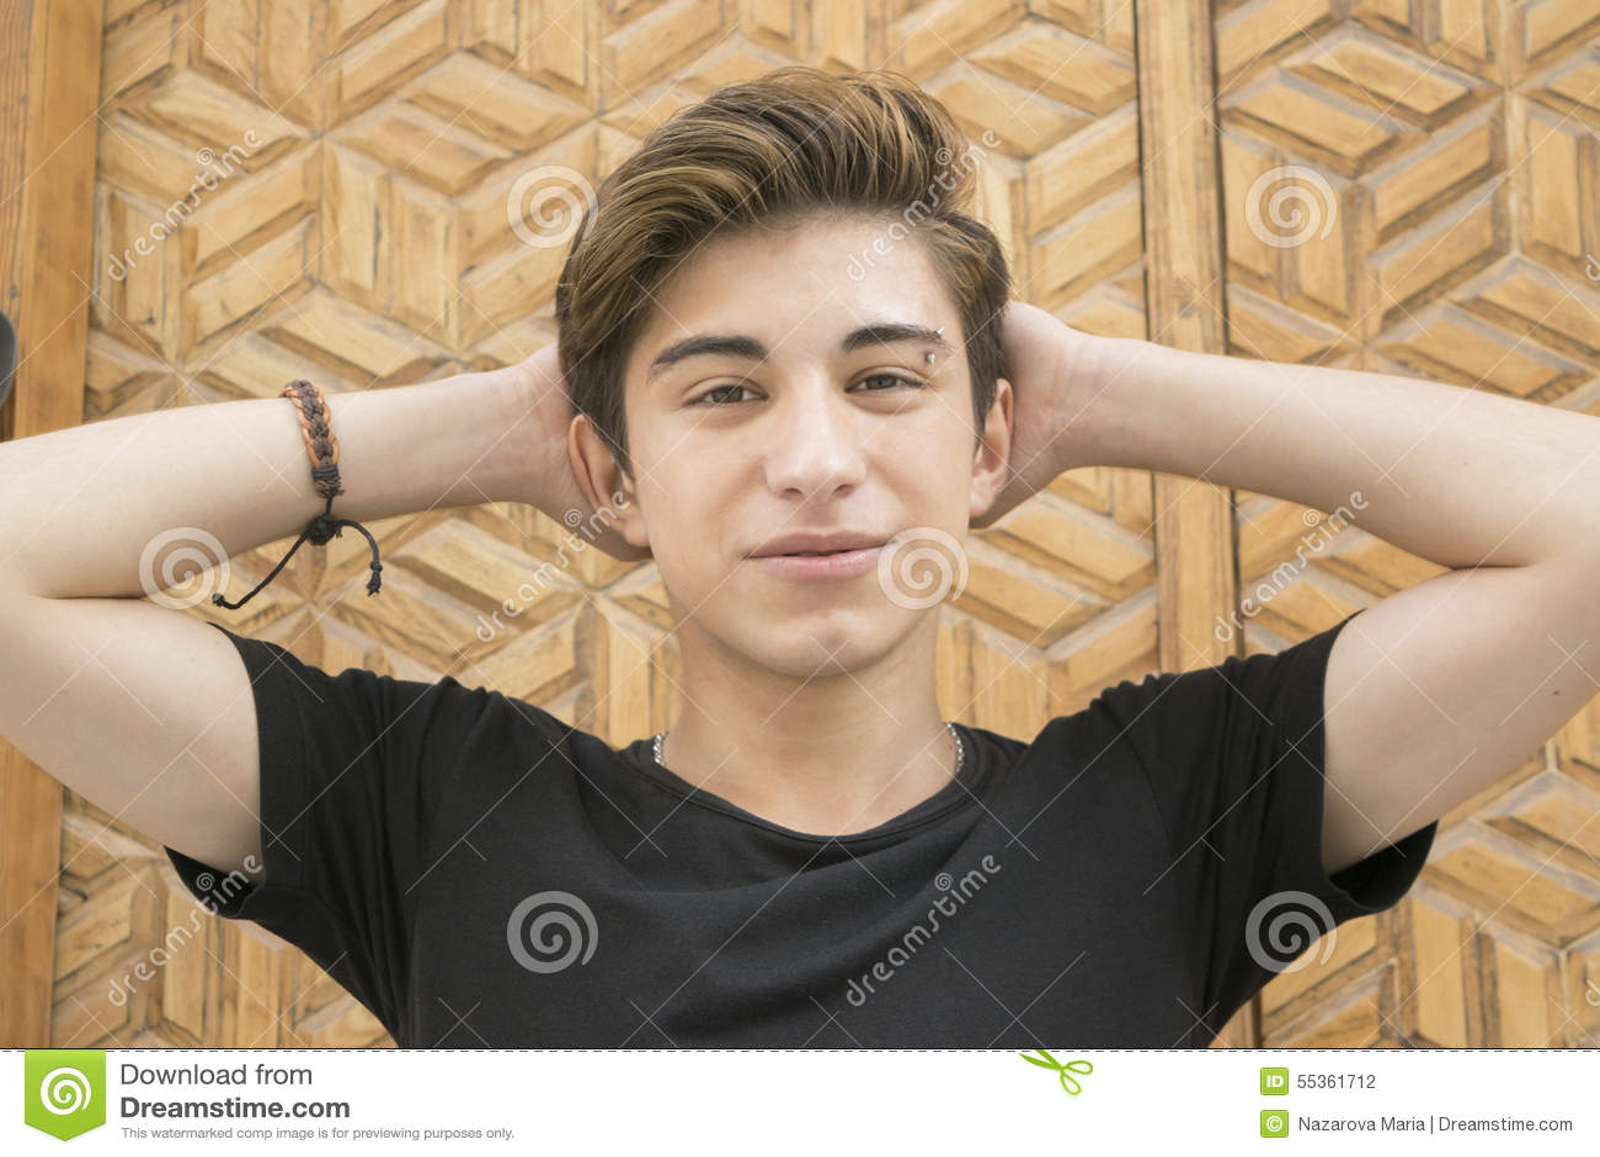 Teen Guy Stock Photo - Image: 55361712